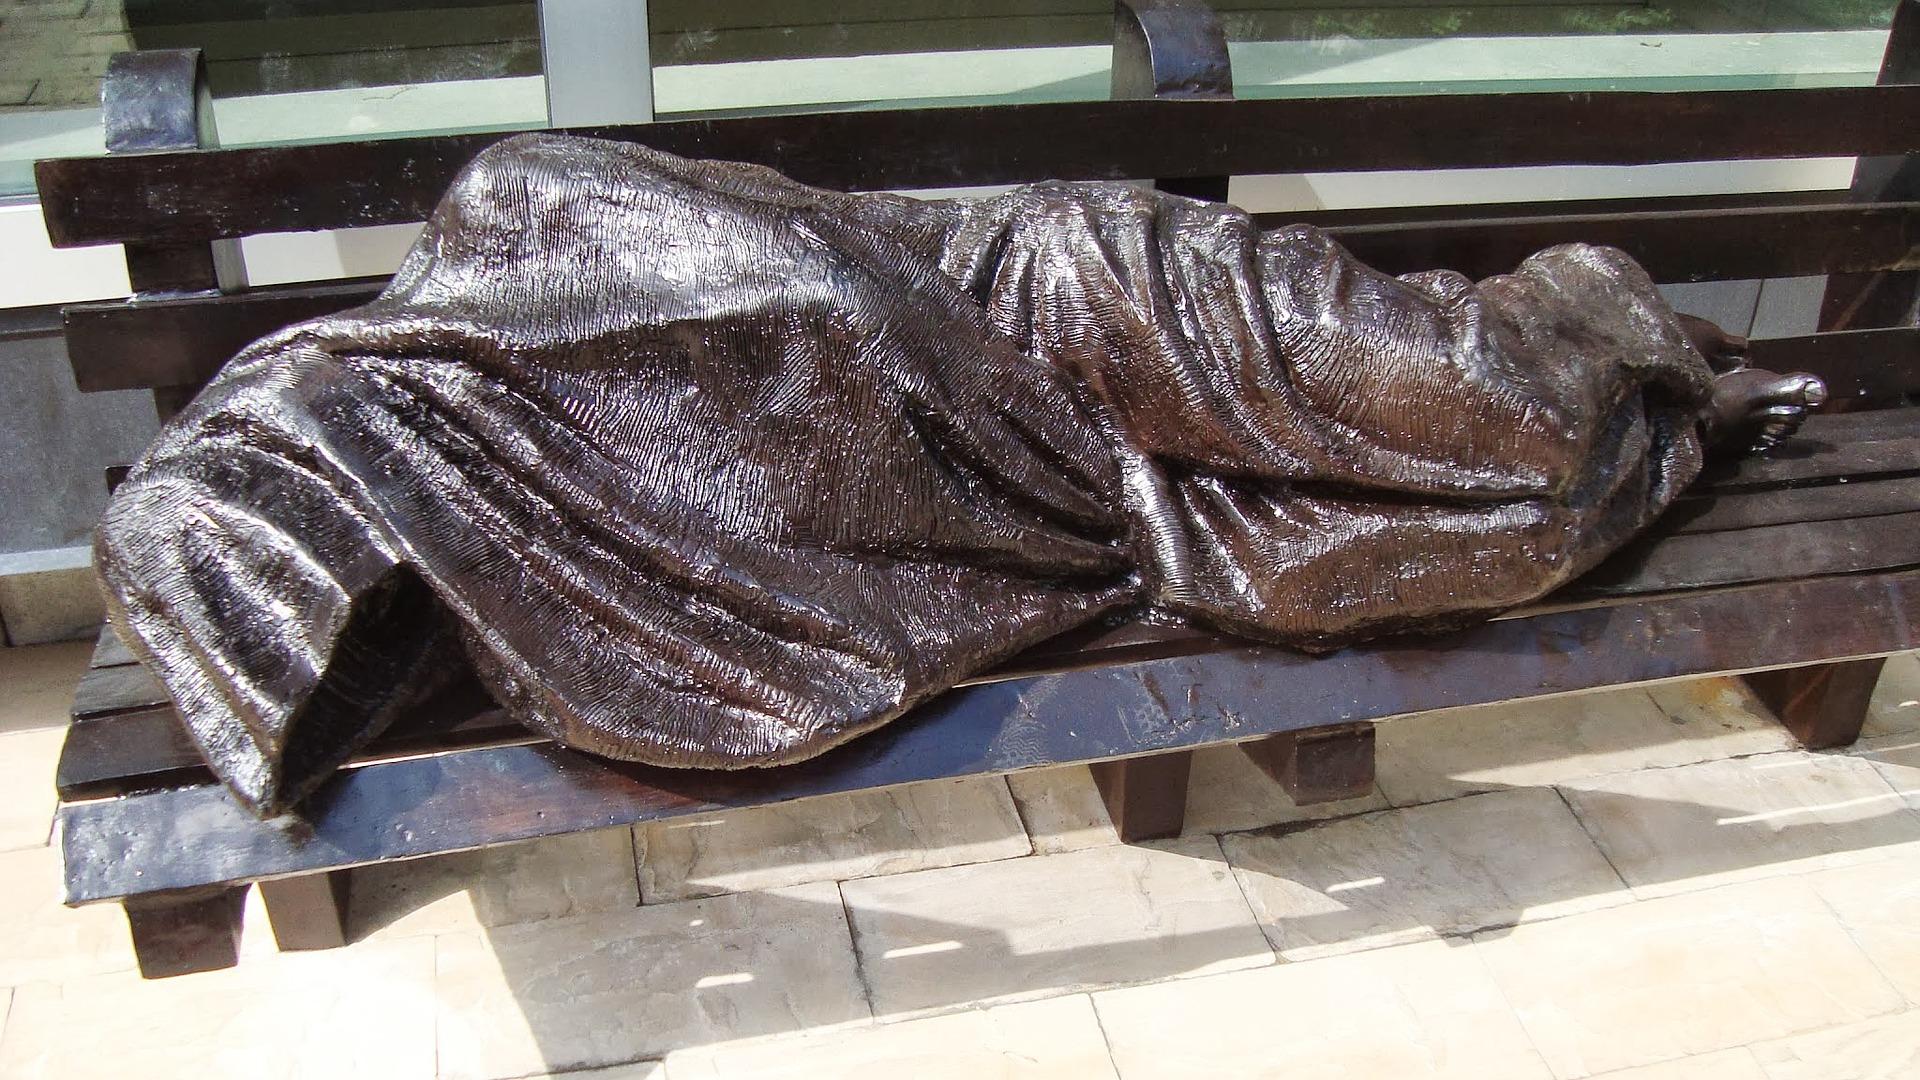 Escultura del canadiense Timothy Schmalz, 2013.